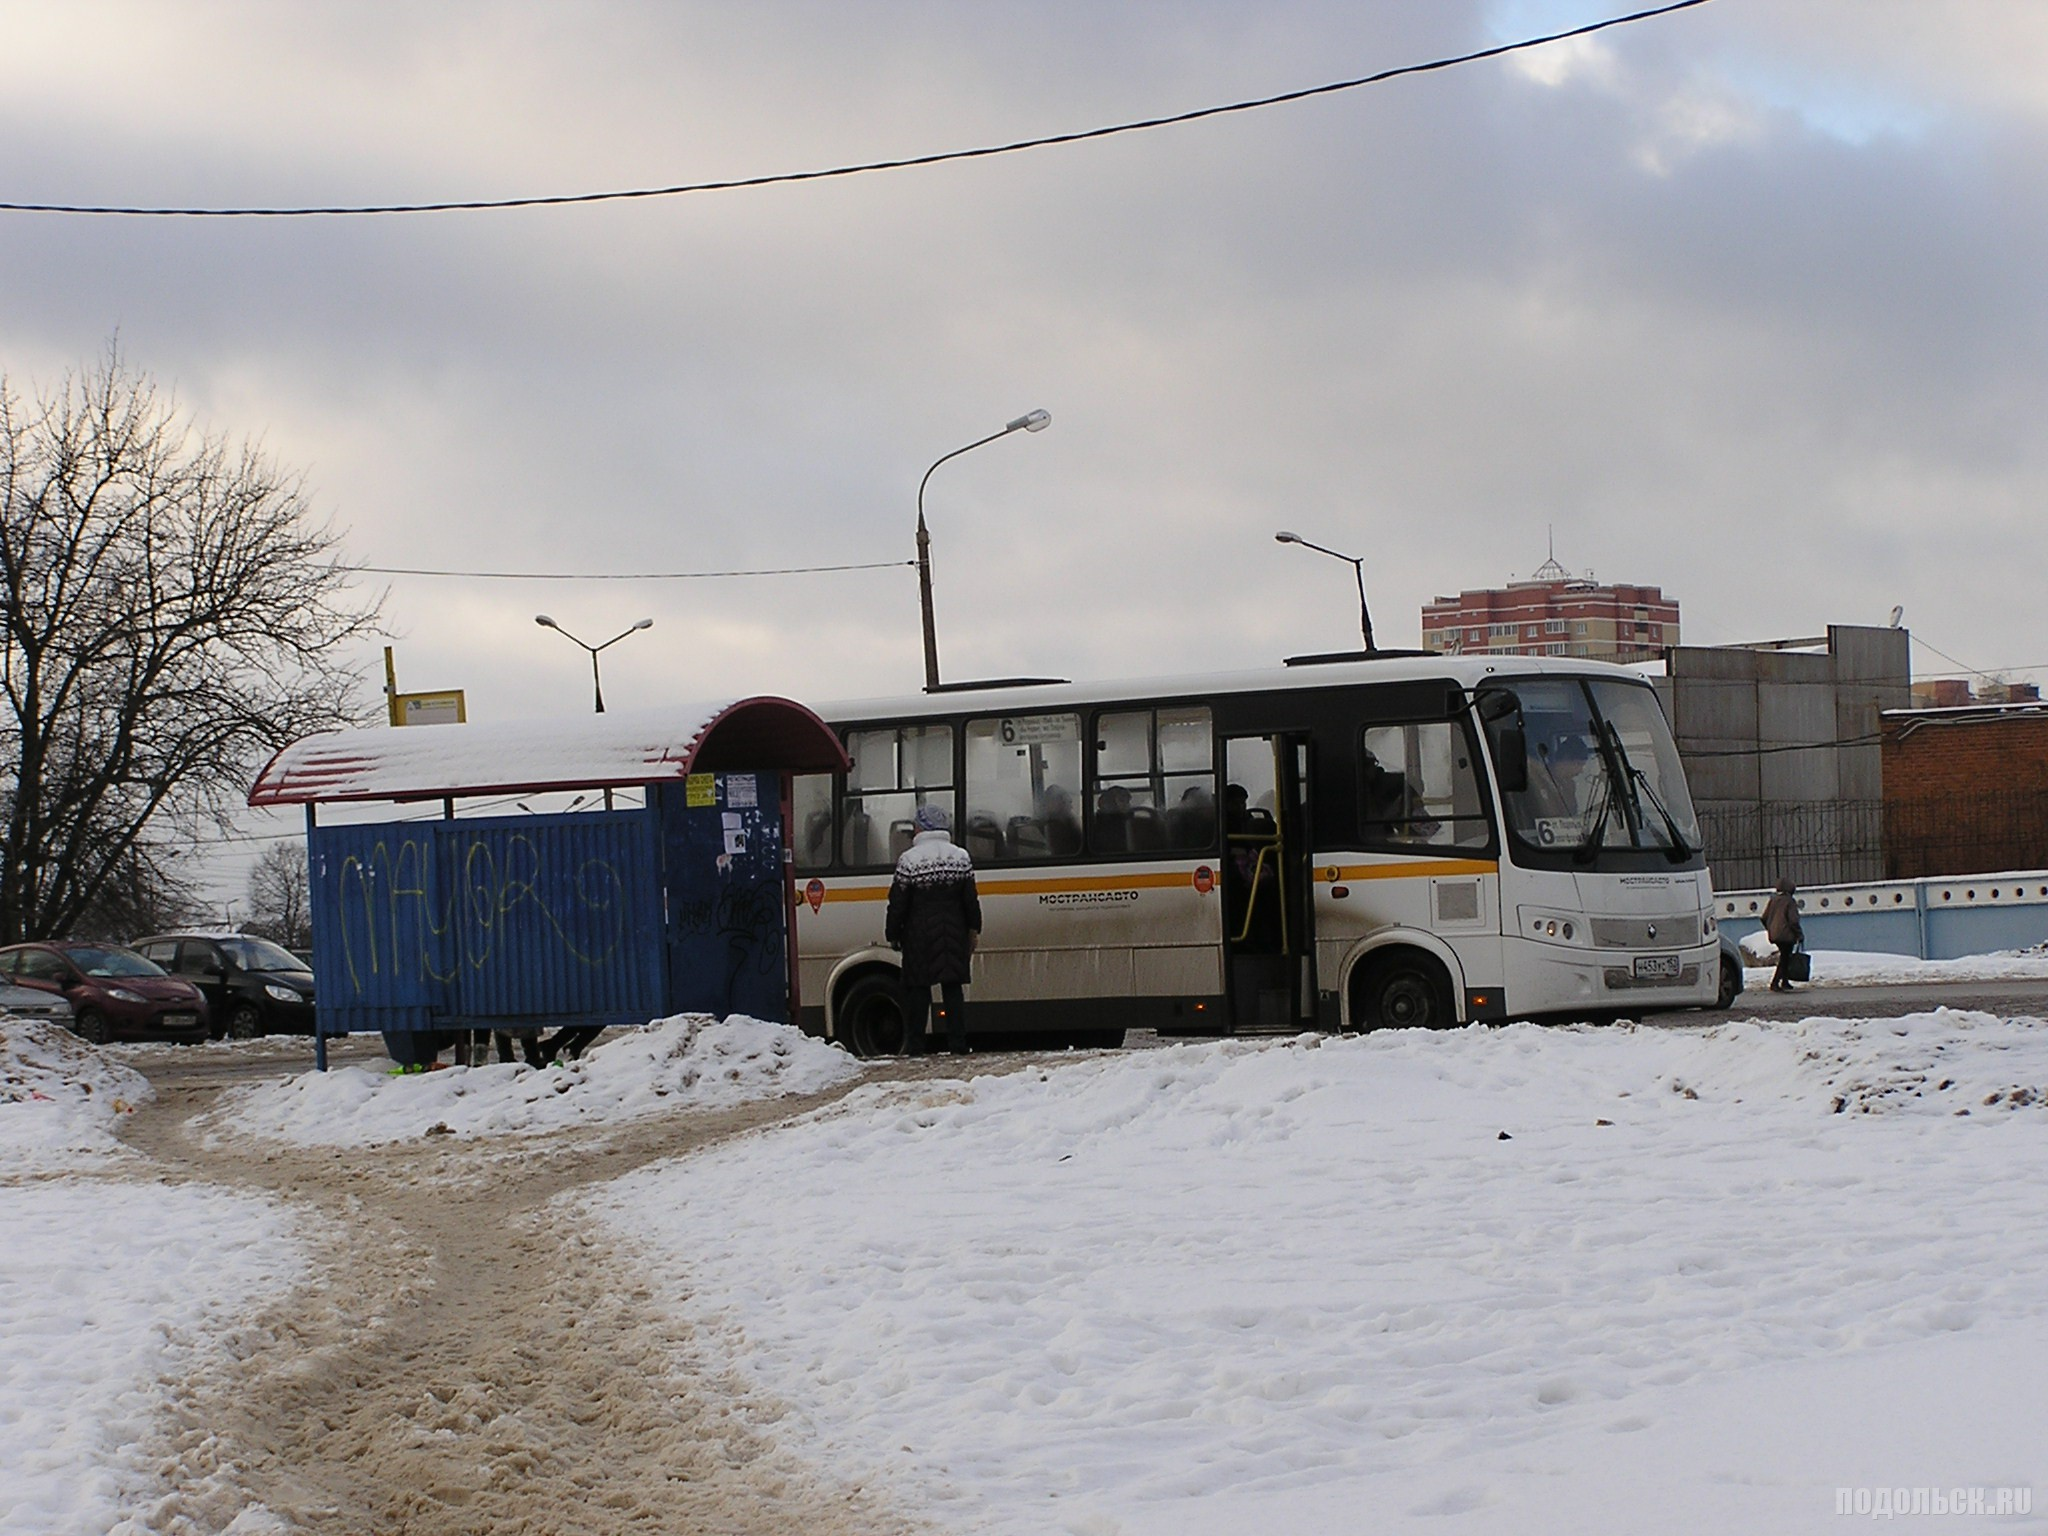 Автобус № 6 на остановке на Кутузовской. Декабрь 2016 г.